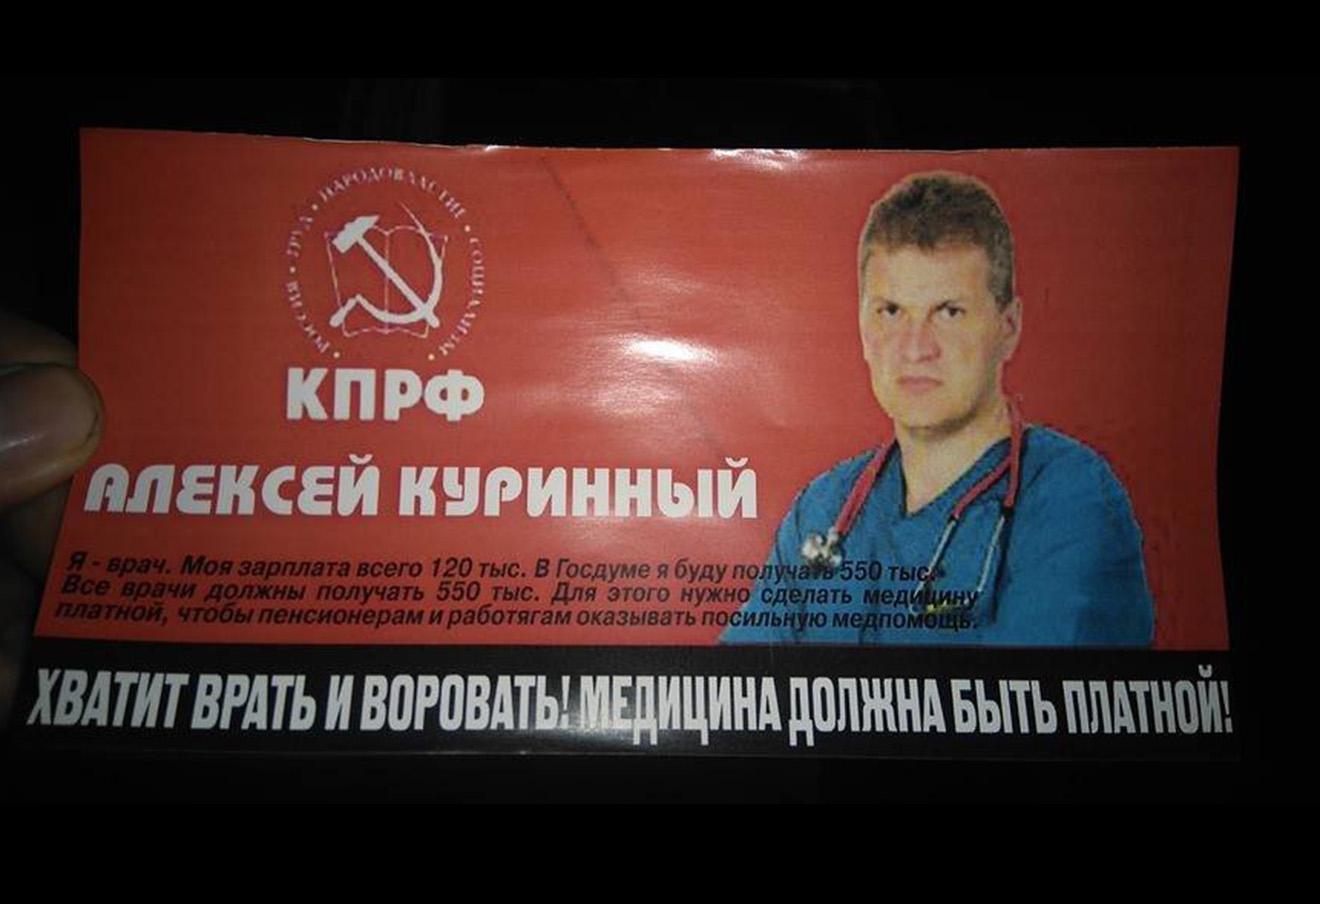 Фото предоставлено Алексеем Куринным